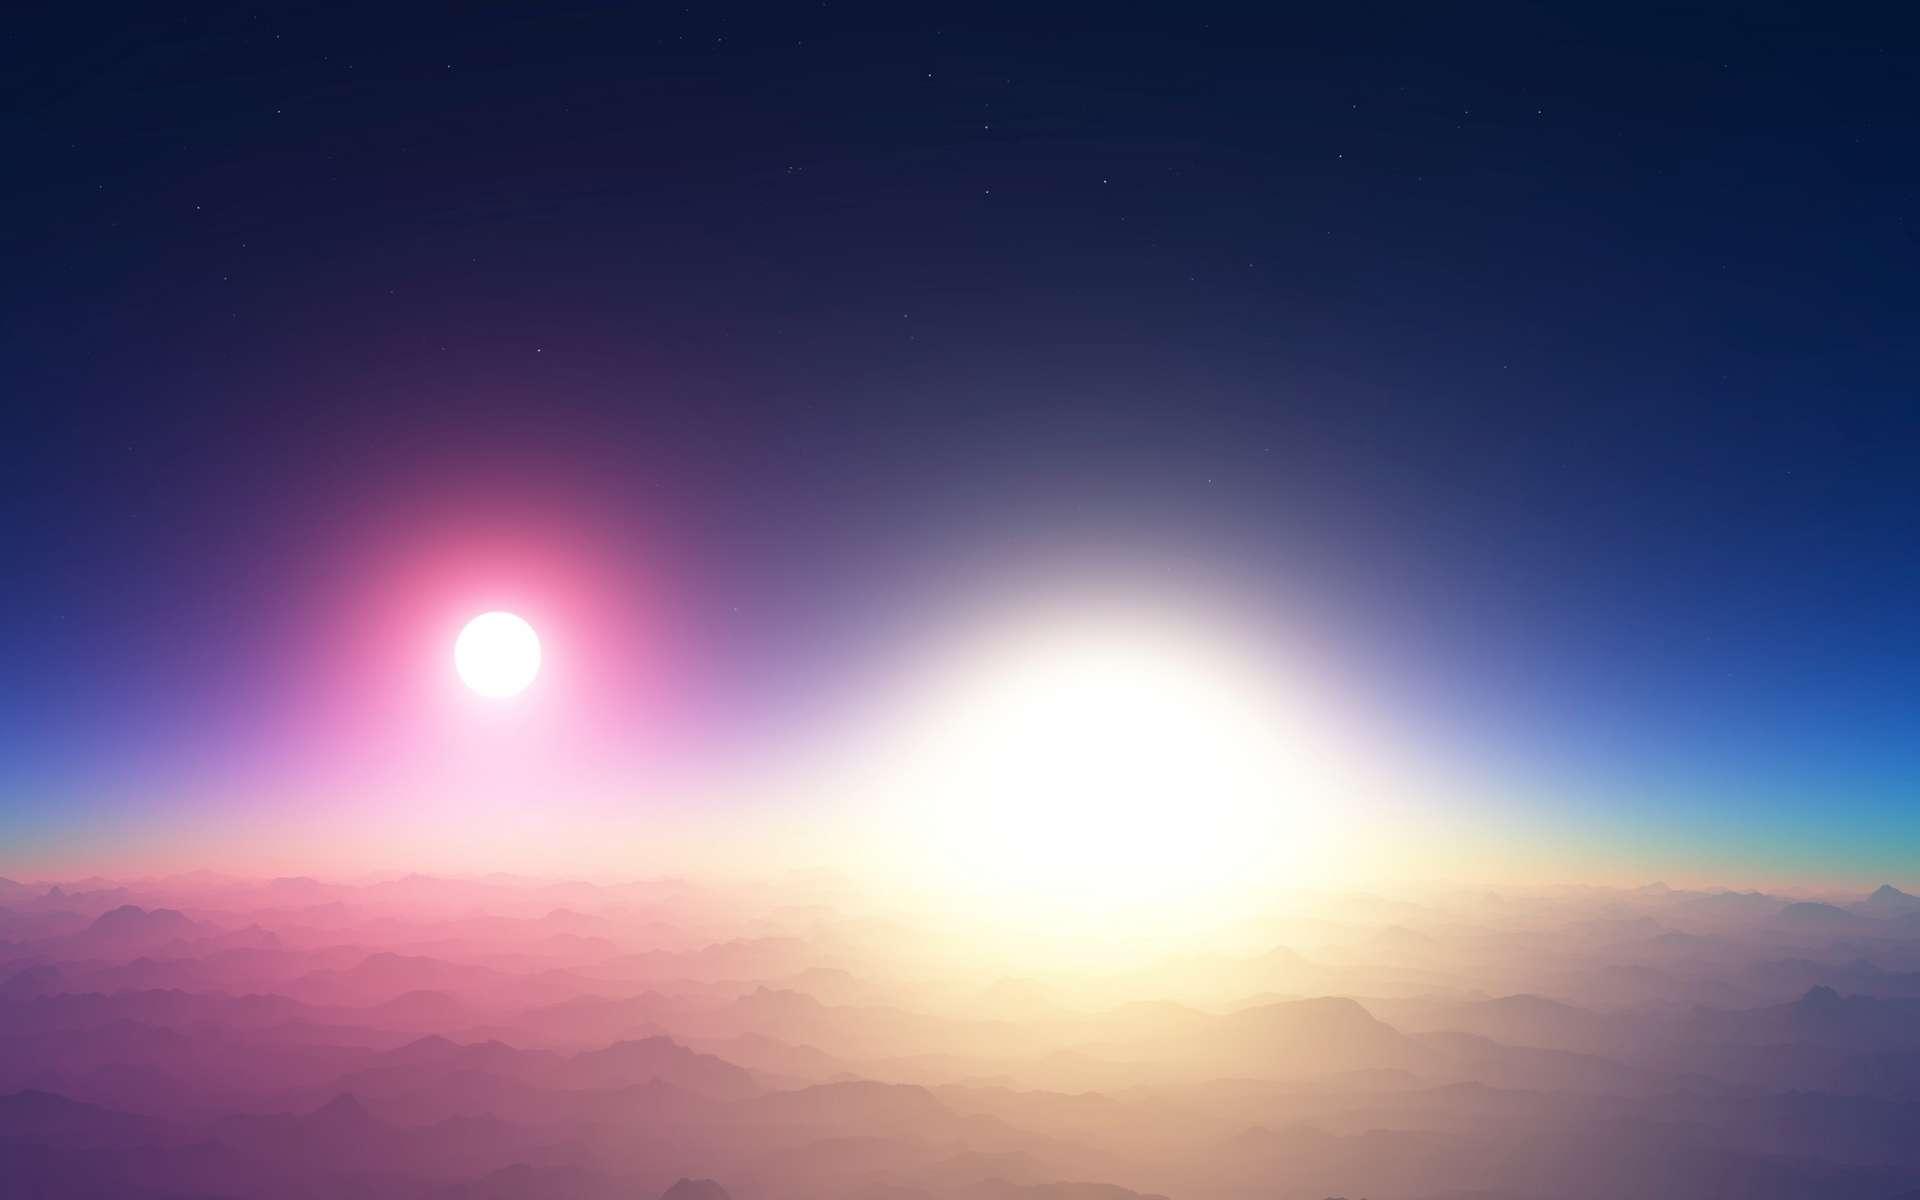 Les chercheurs du projet Breakthrough Listen viennent de rendre public la plus grande masse de données de l'histoire de la recherche de signaux extraterrestres. © Valeriy, Adobe Stock